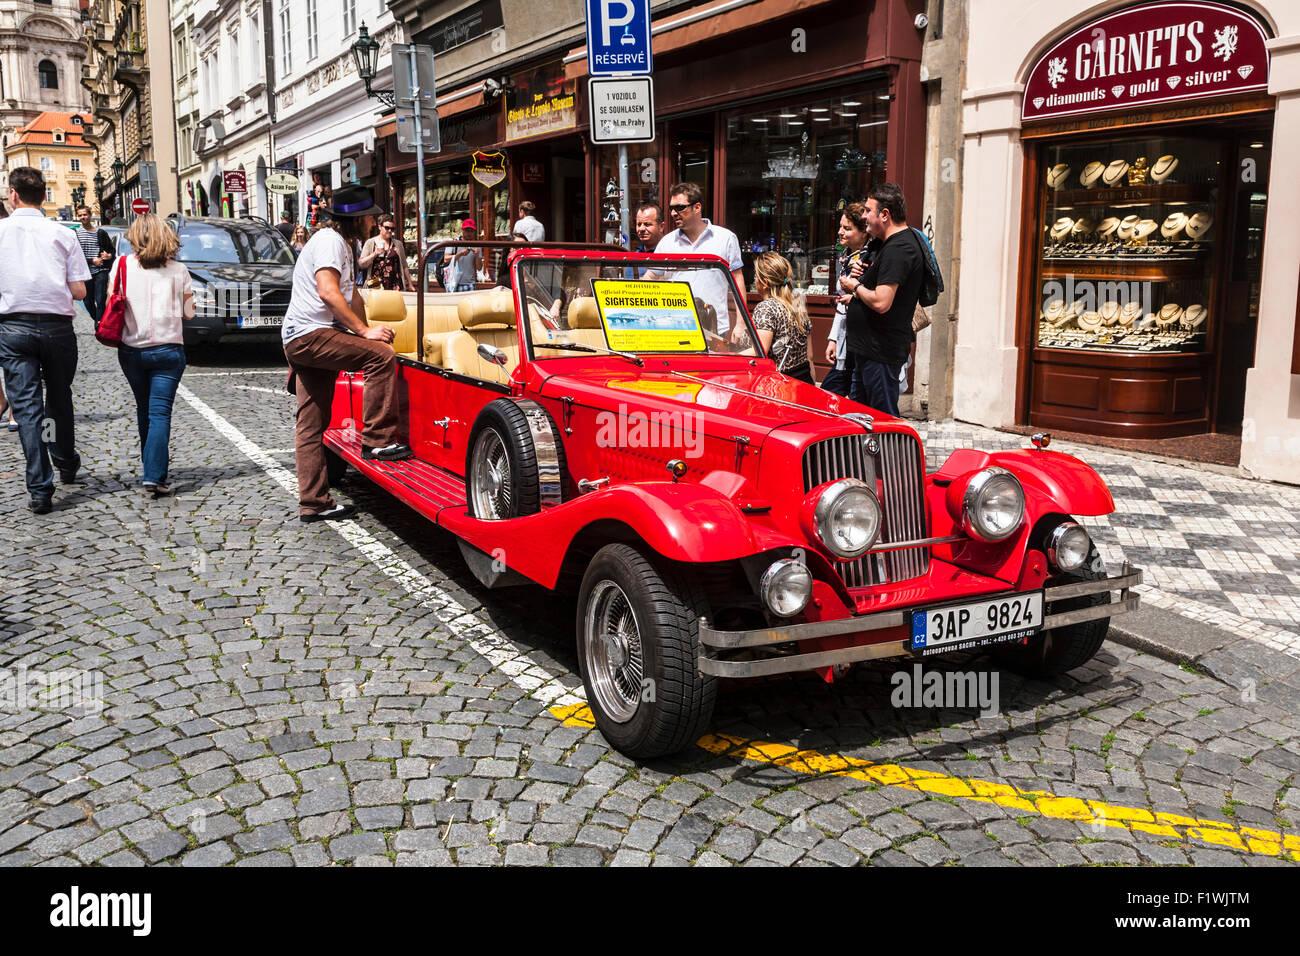 Style rétro voiture utilisée pour vos excursions touristiques, Prague République Cezch. Photo Stock